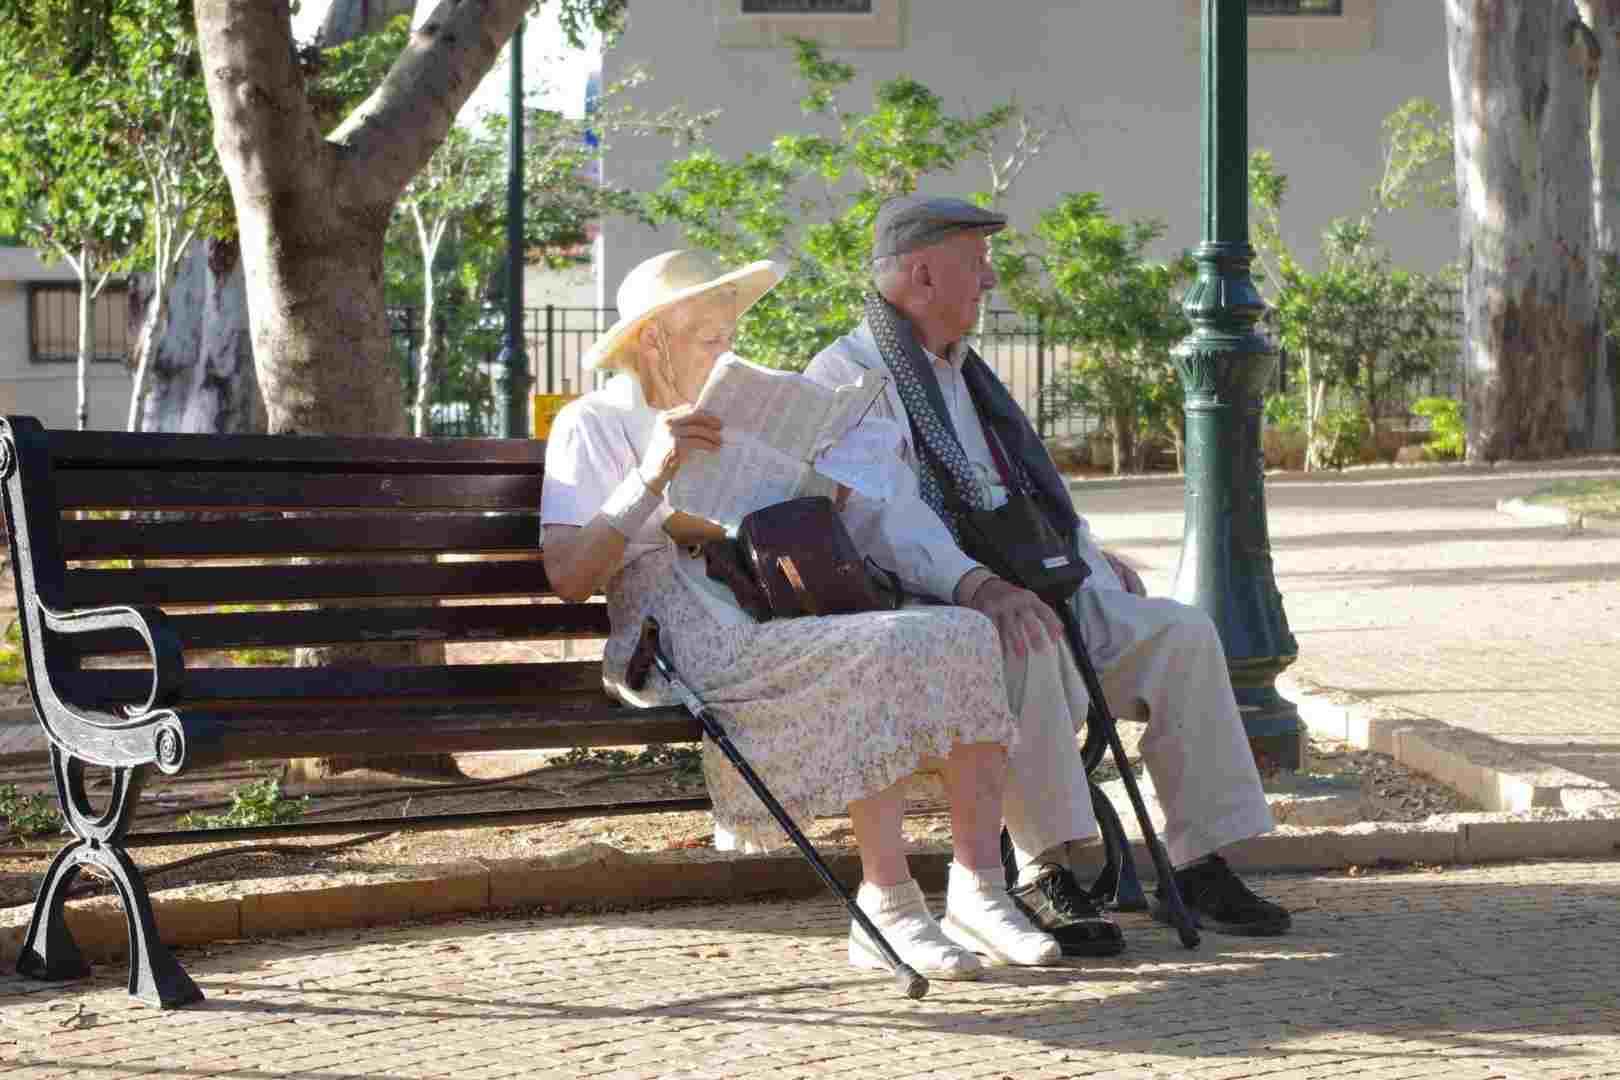 Пришли «пенсионные» 10 тысяч. А их не заберут за долги? А если не пришли?